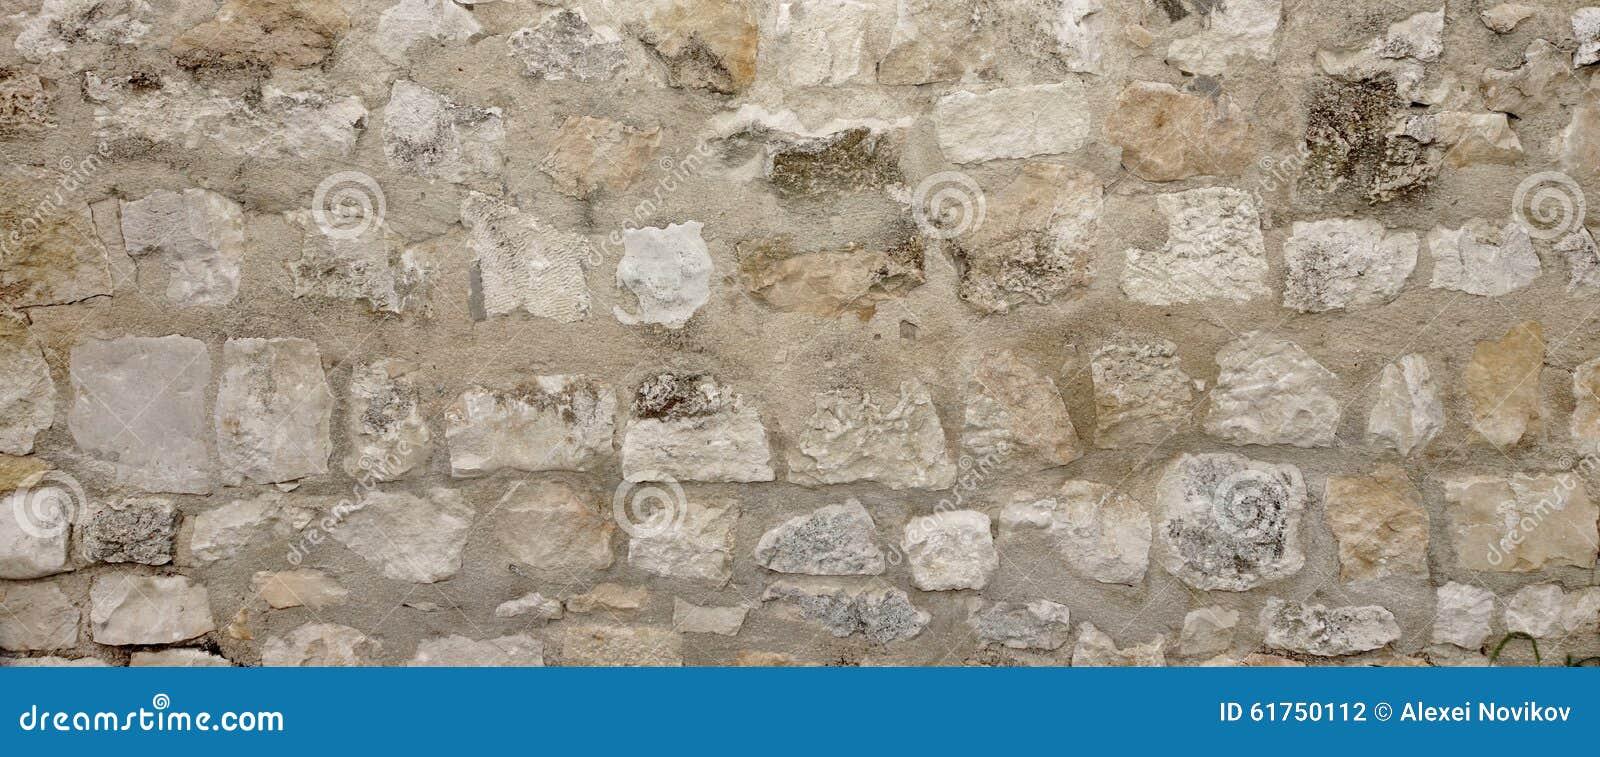 Gammal granitstenvägg med cementsömmen, stenhuggeriarbete breda Backgrou